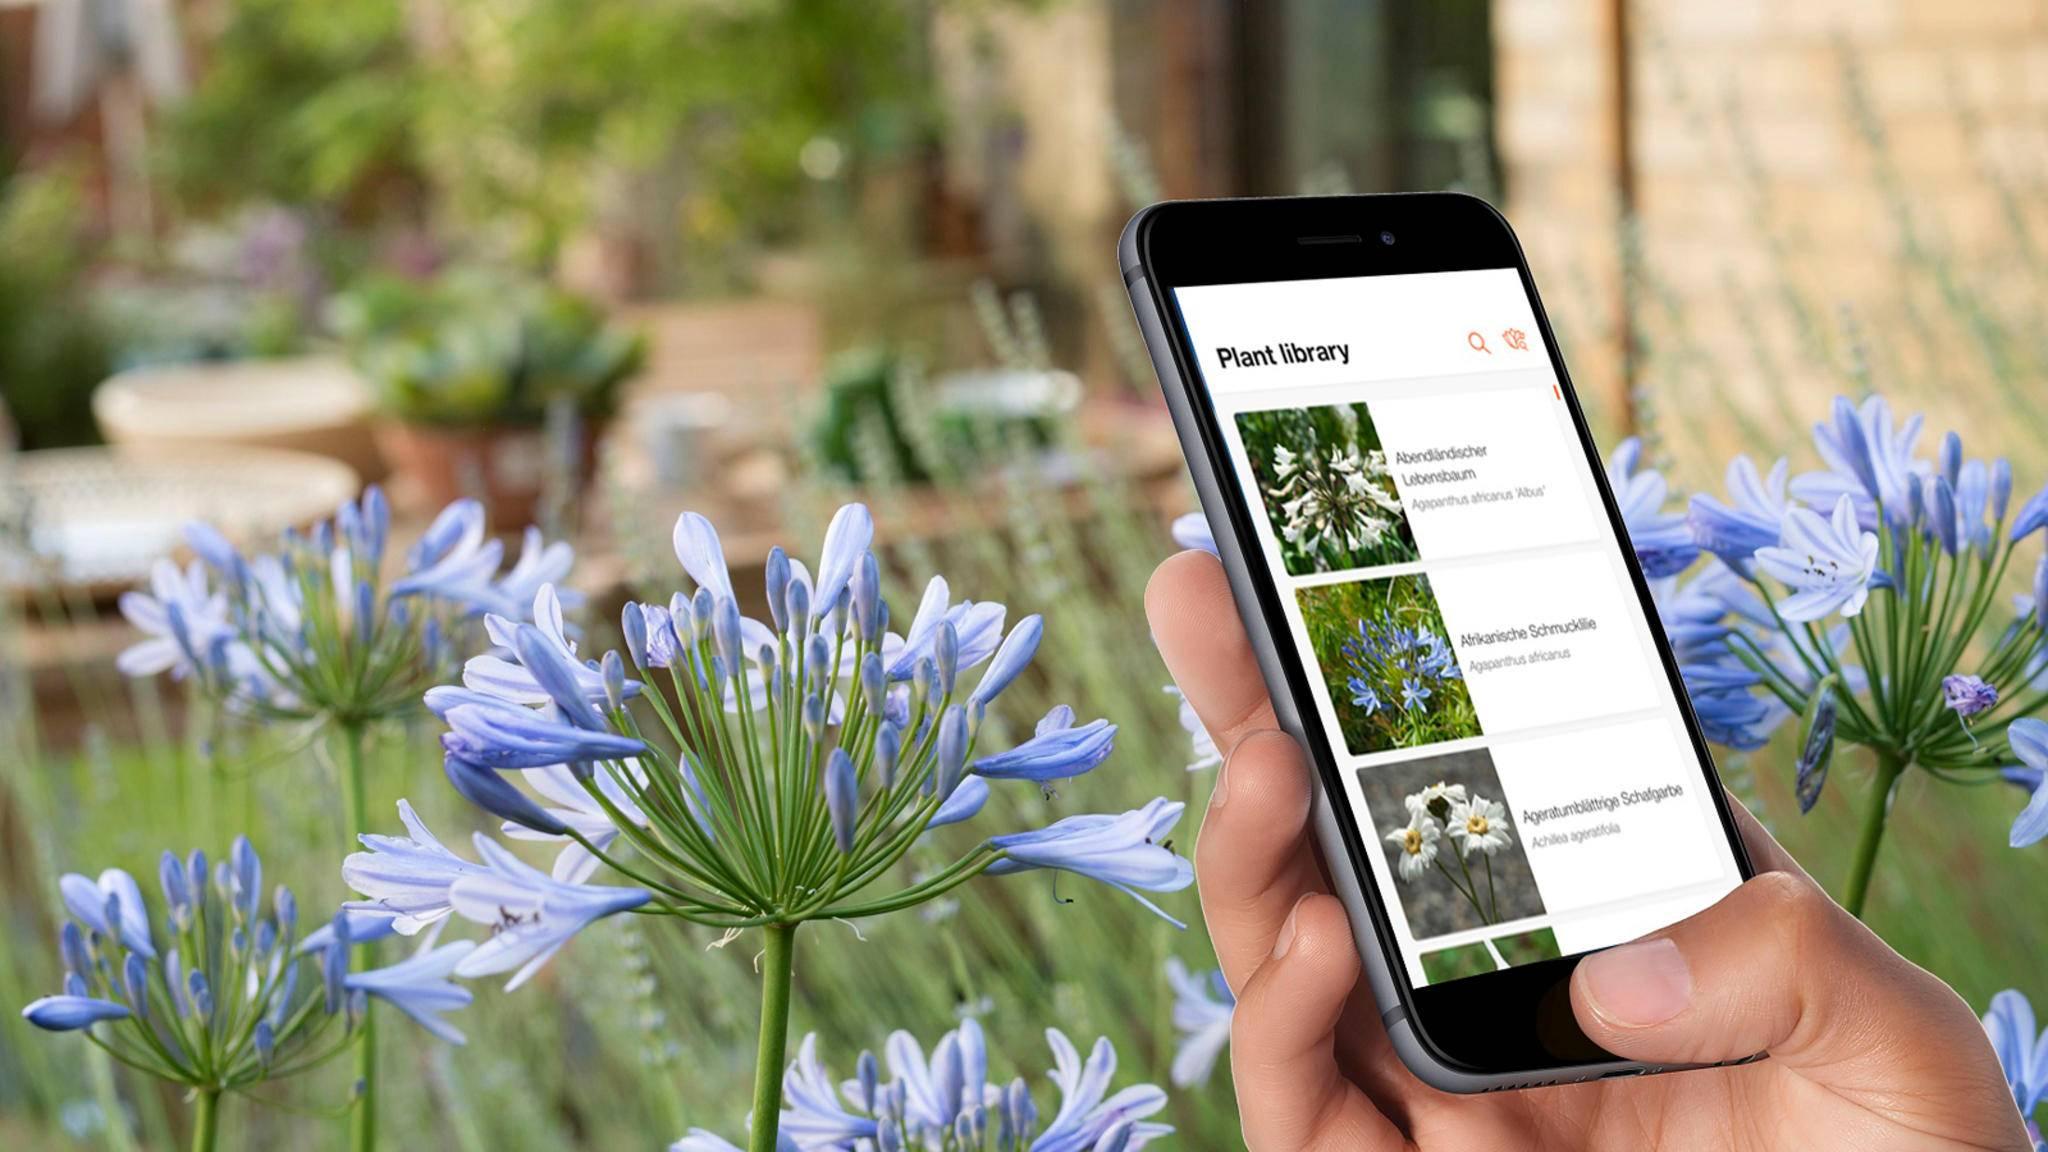 App statt dickem Nachschlagewerk: Gardenas Smart-System-App wurde um ein Pflanzenlexikon erweitert.